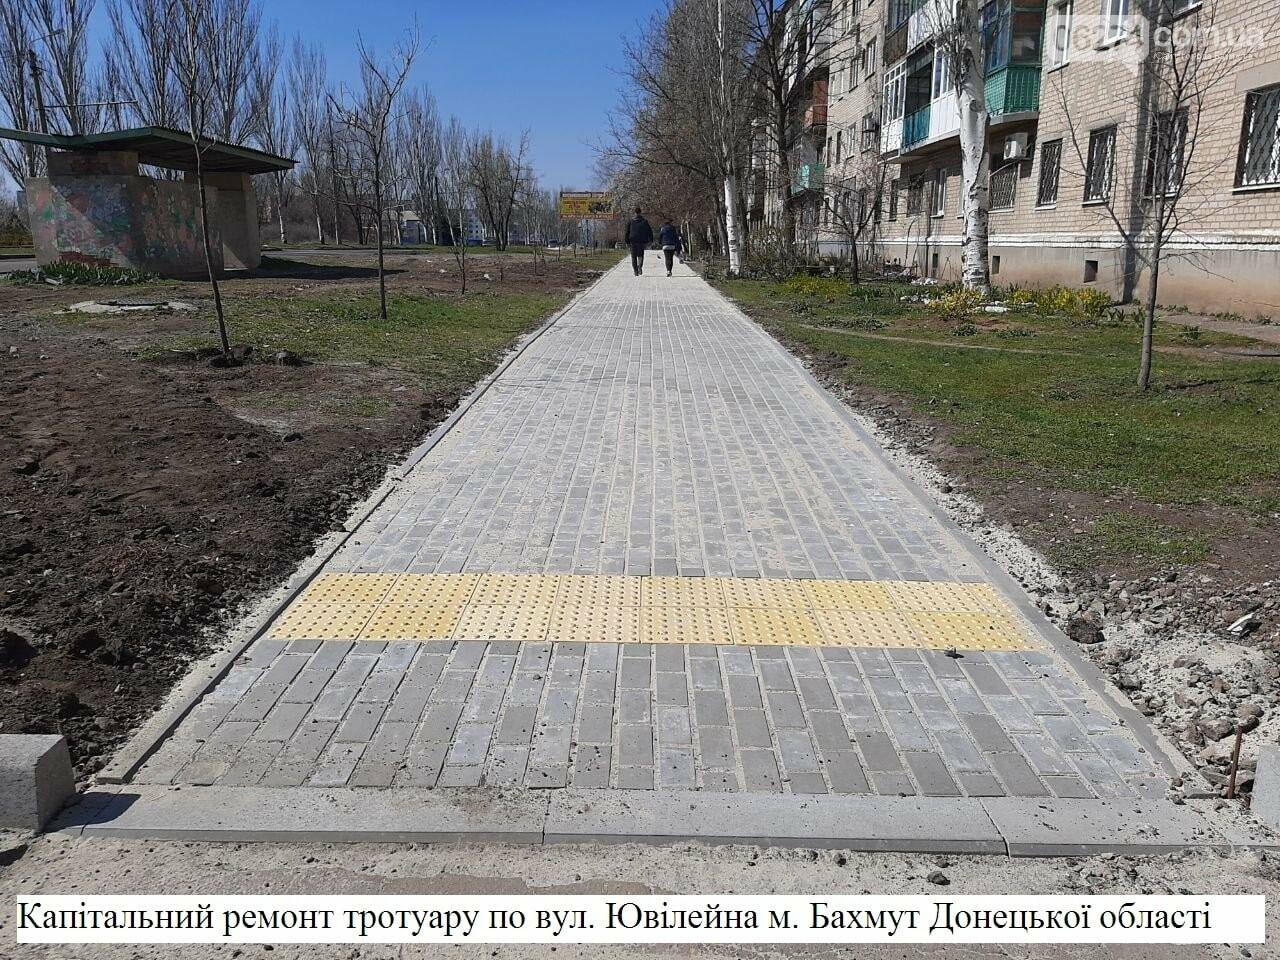 В городе реализованы проекты капитальных ремонтов тротуаров, фото-1